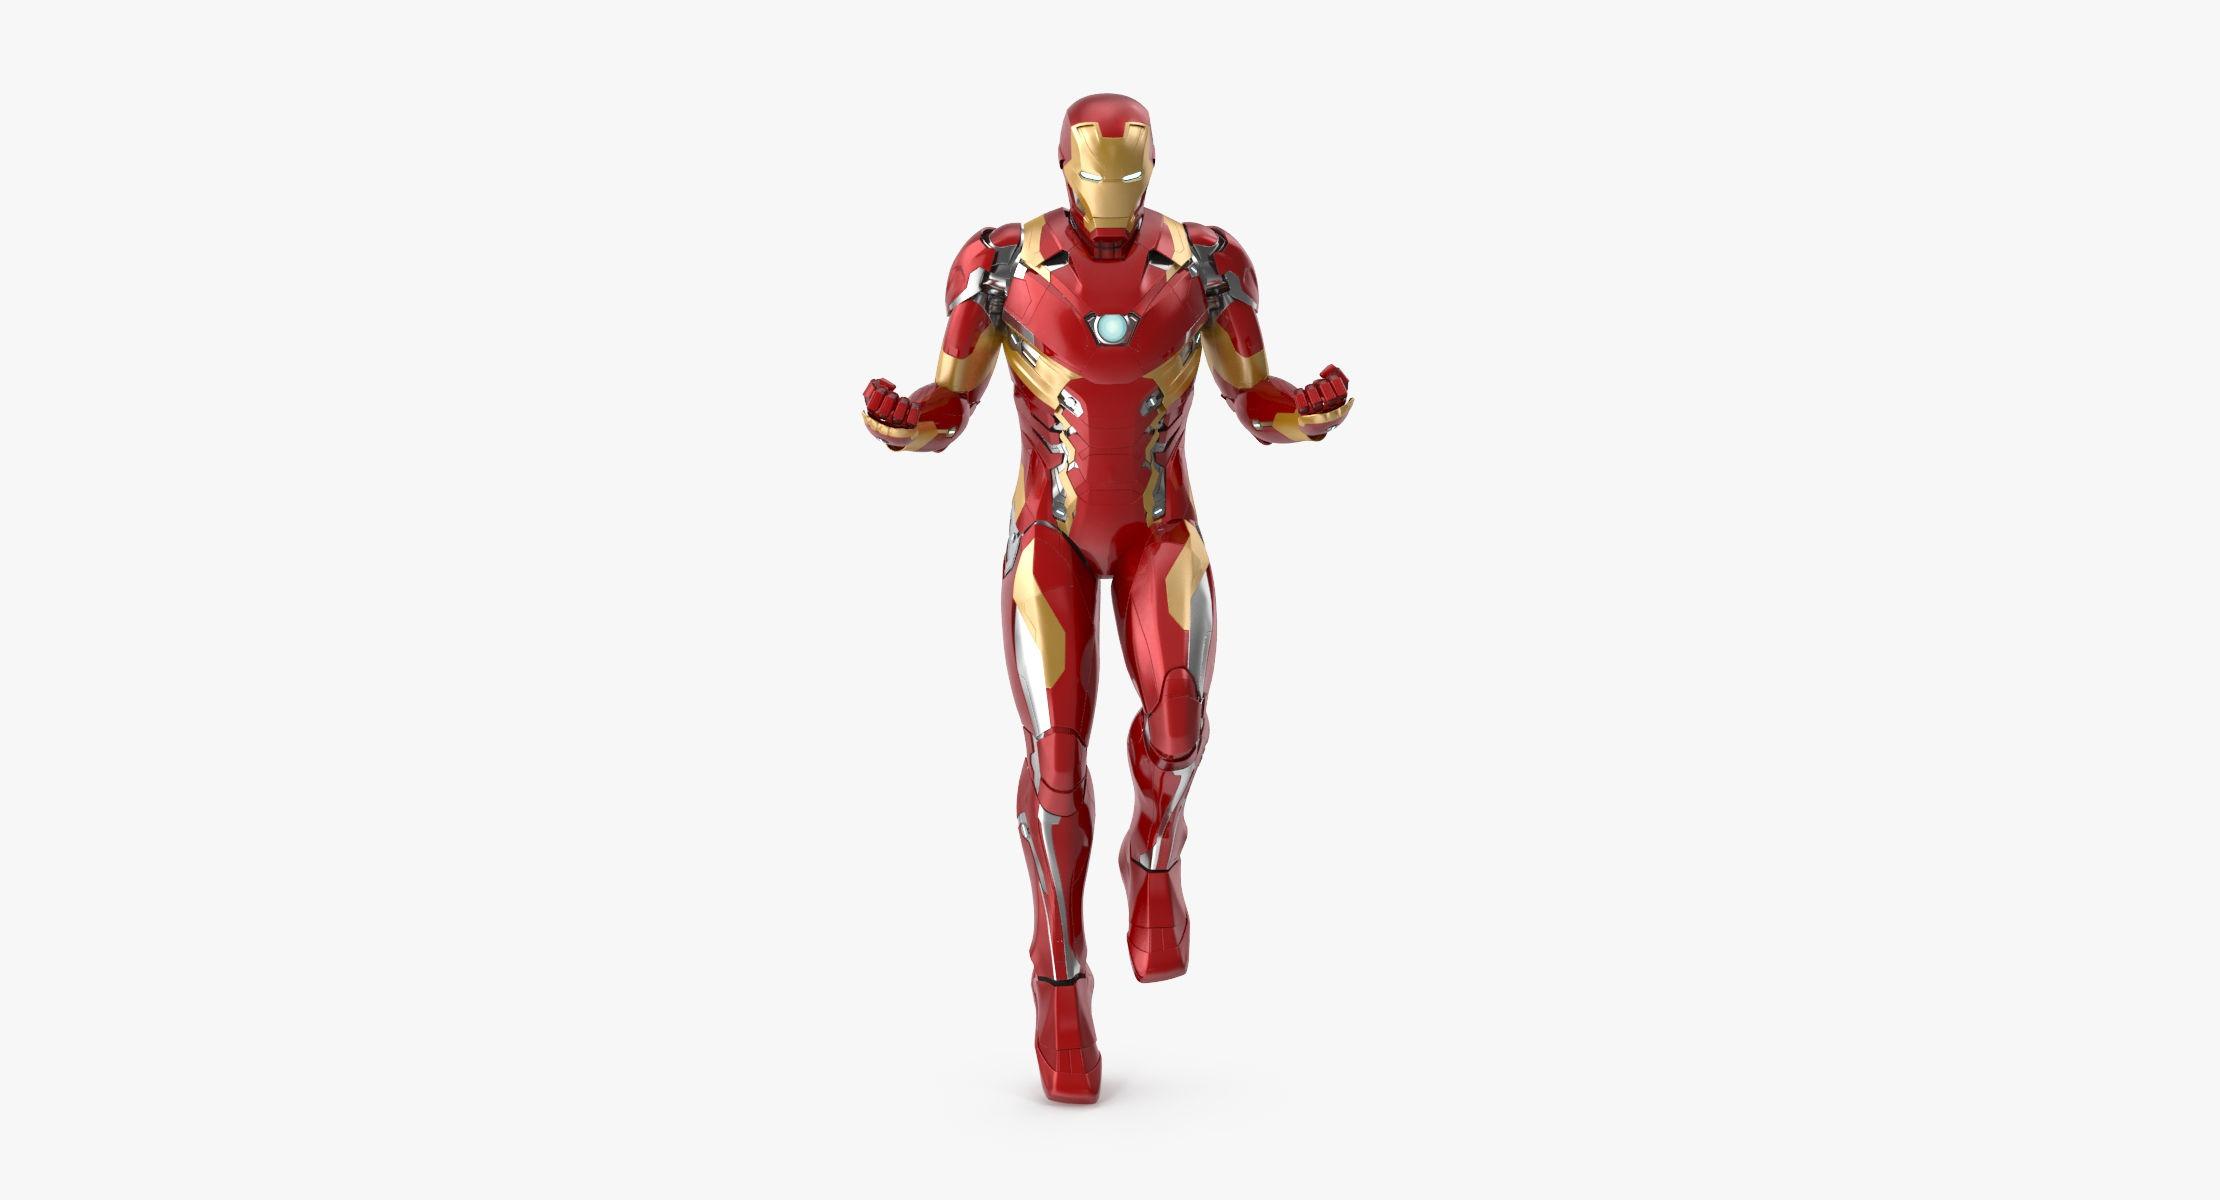 Iron Man Mark 46 - Taking Off Pose - reel 1